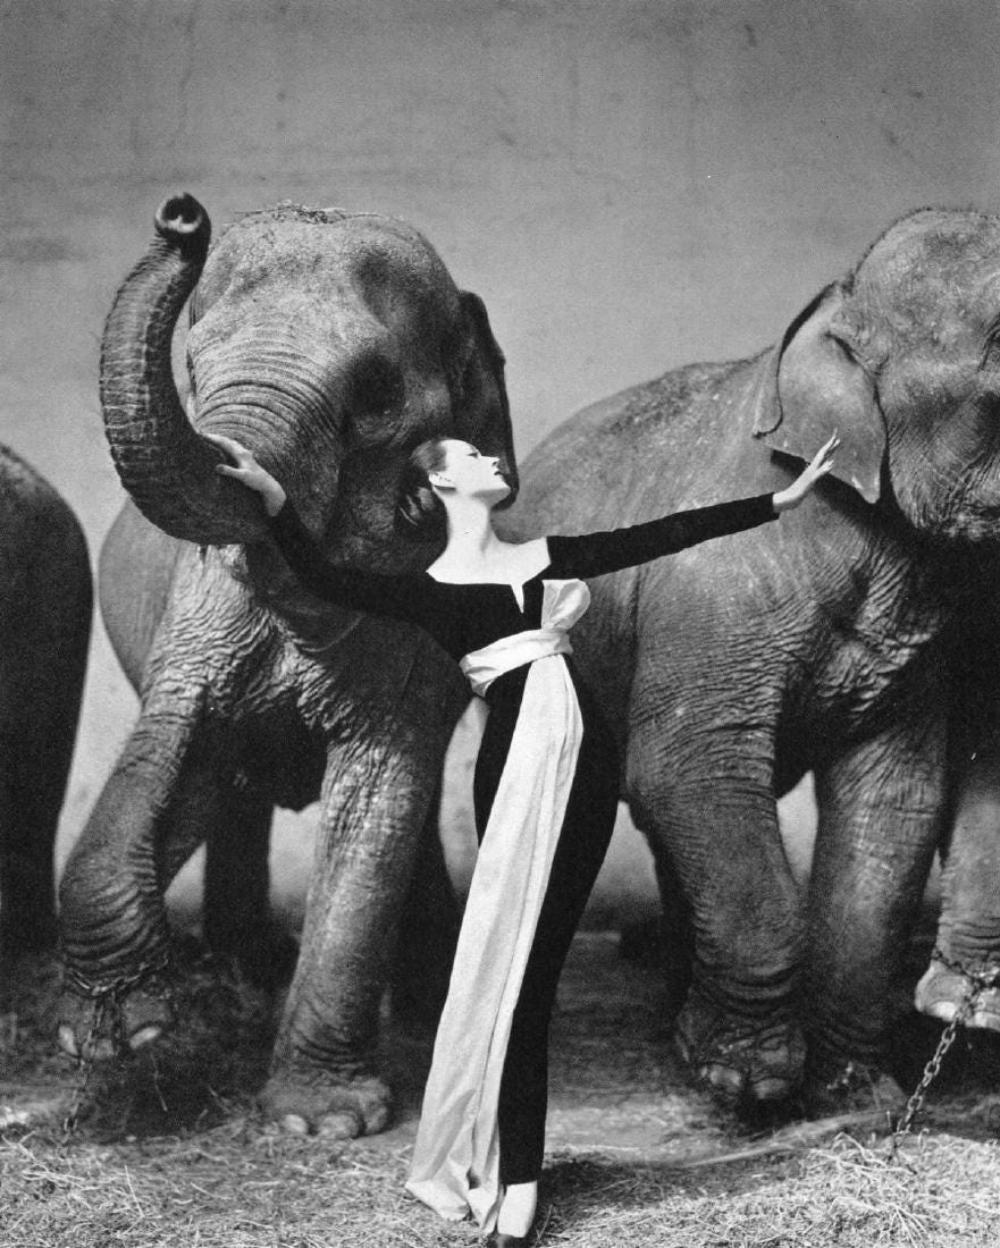 RICHARD AVEDON - DOVIMA WITH ELEPHANTS, 1955